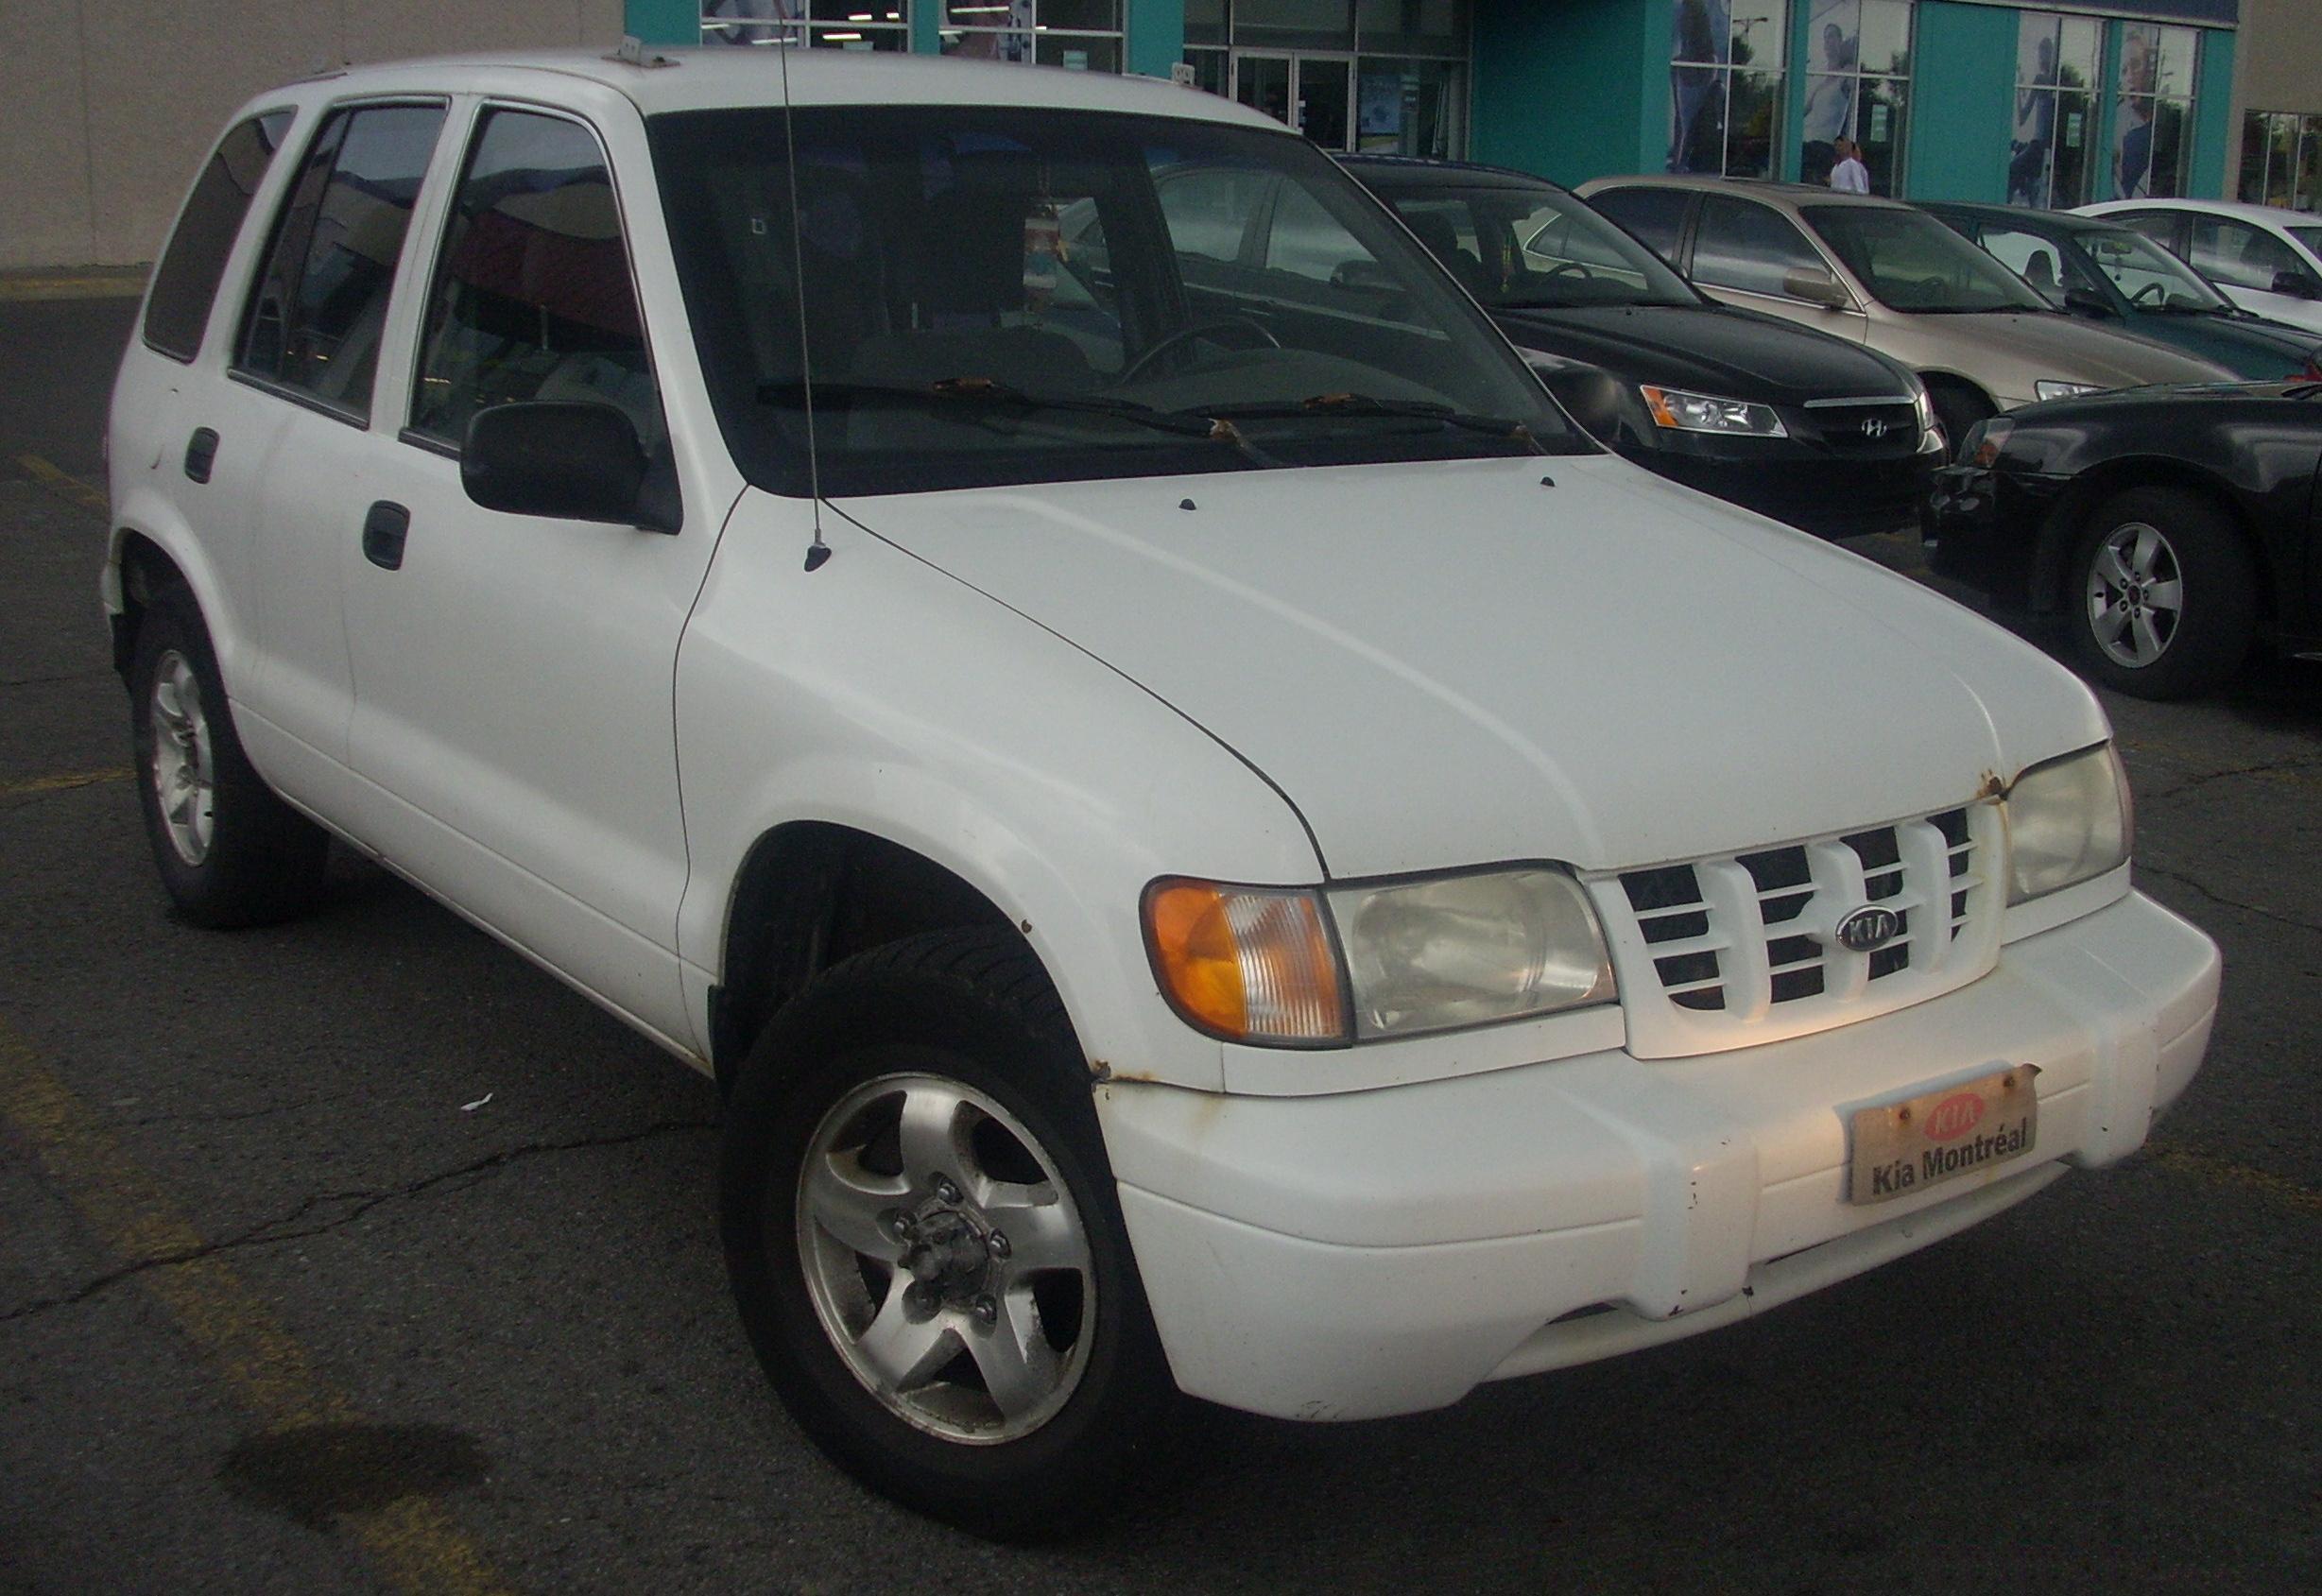 File:'98-'01 Kia Sportage.JPG